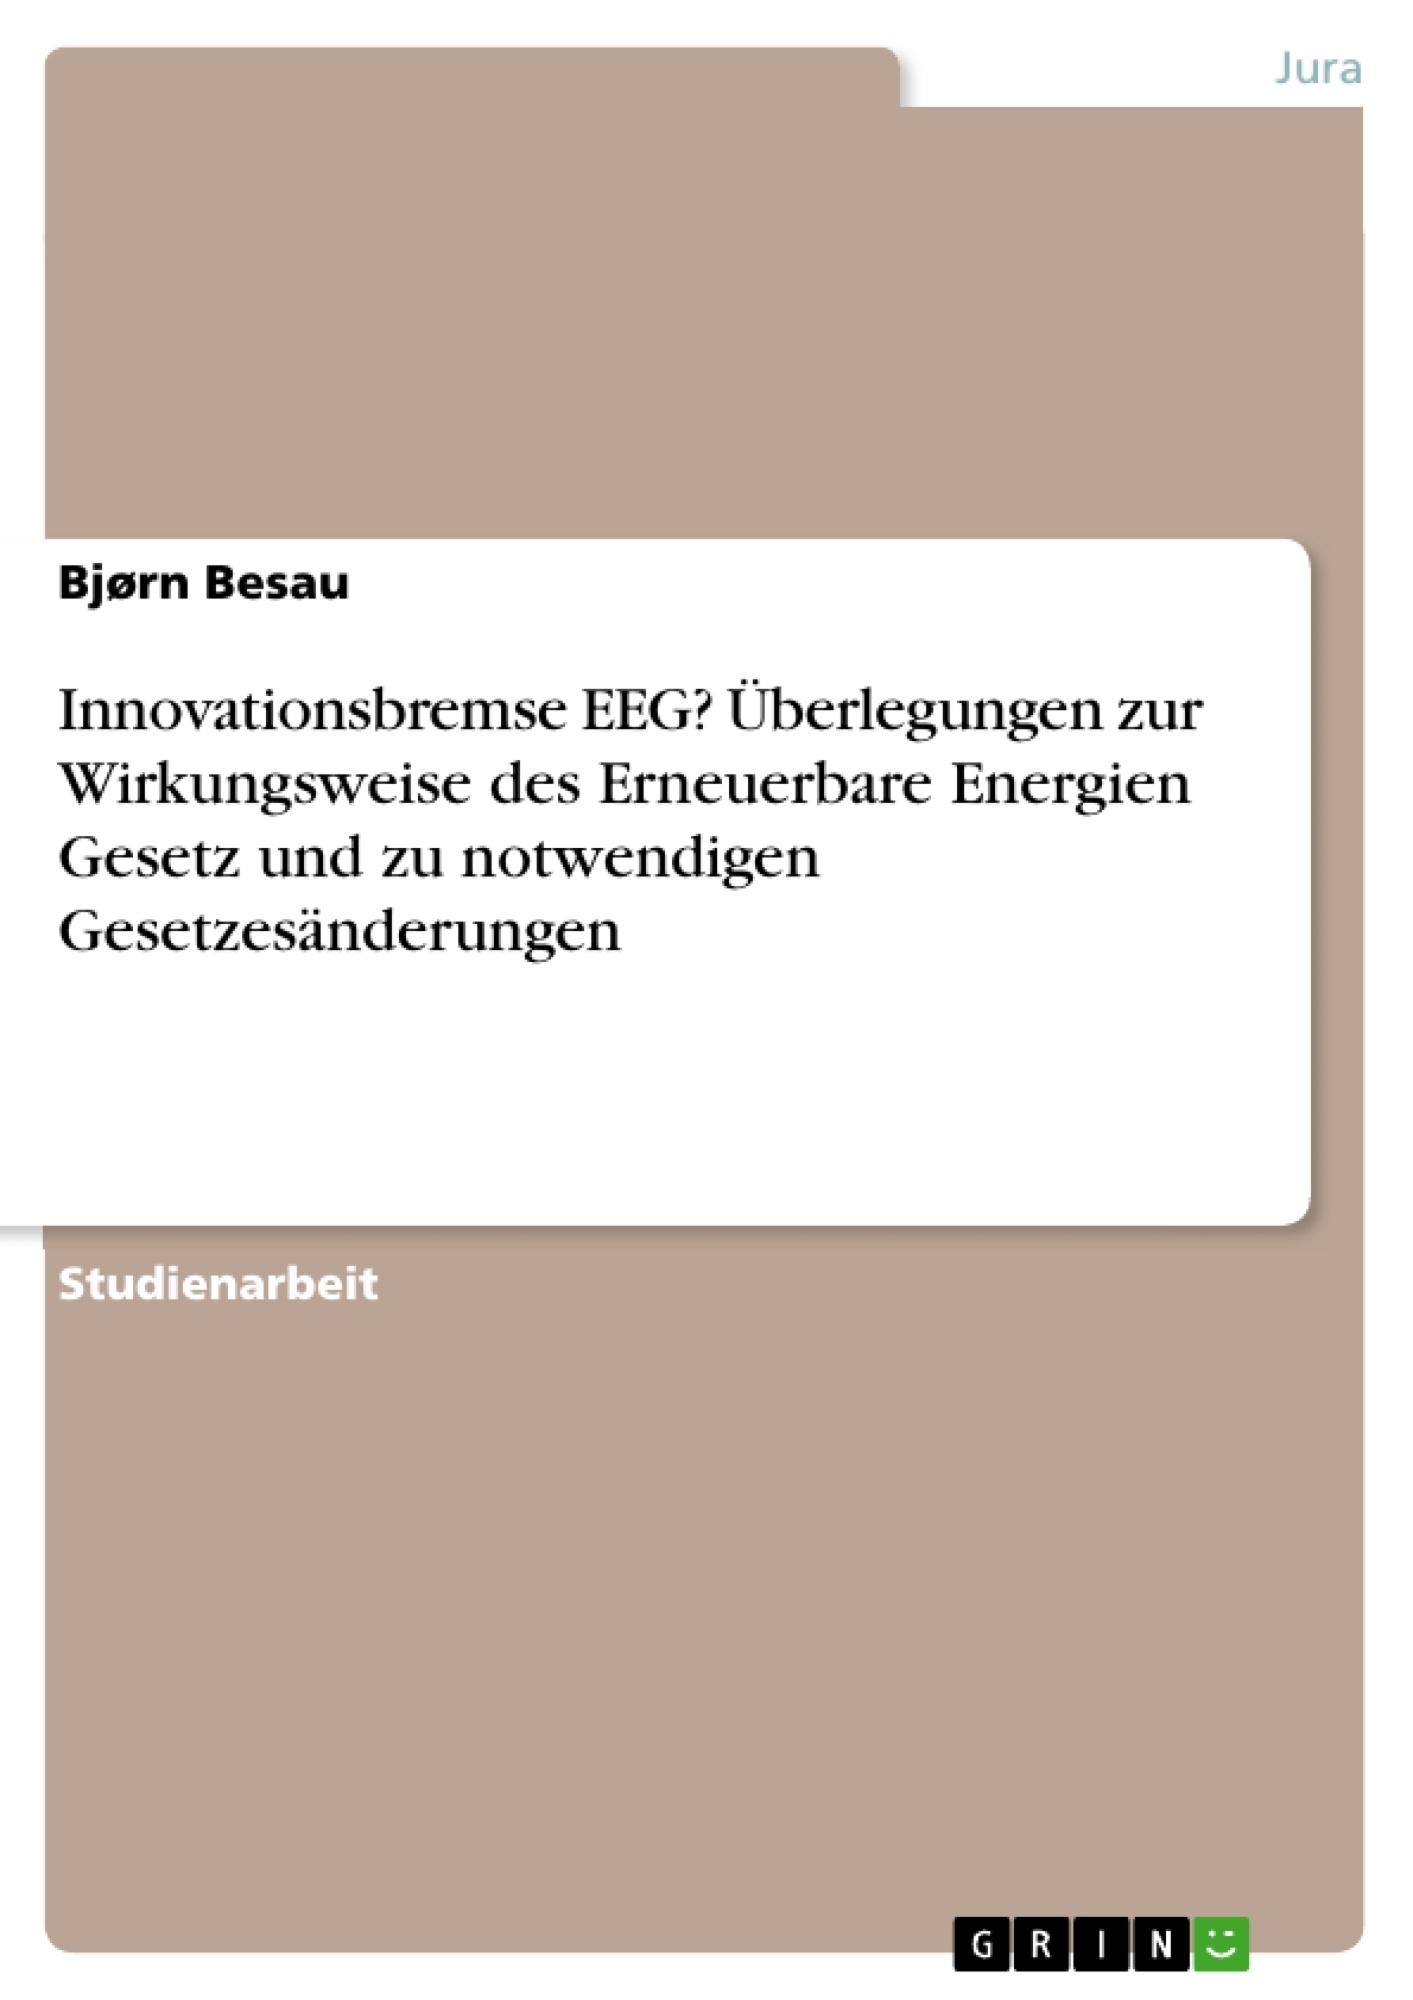 Titel: Innovationsbremse EEG? Überlegungen zur Wirkungsweise des Erneuerbare Energien Gesetz und zu notwendigen Gesetzesänderungen